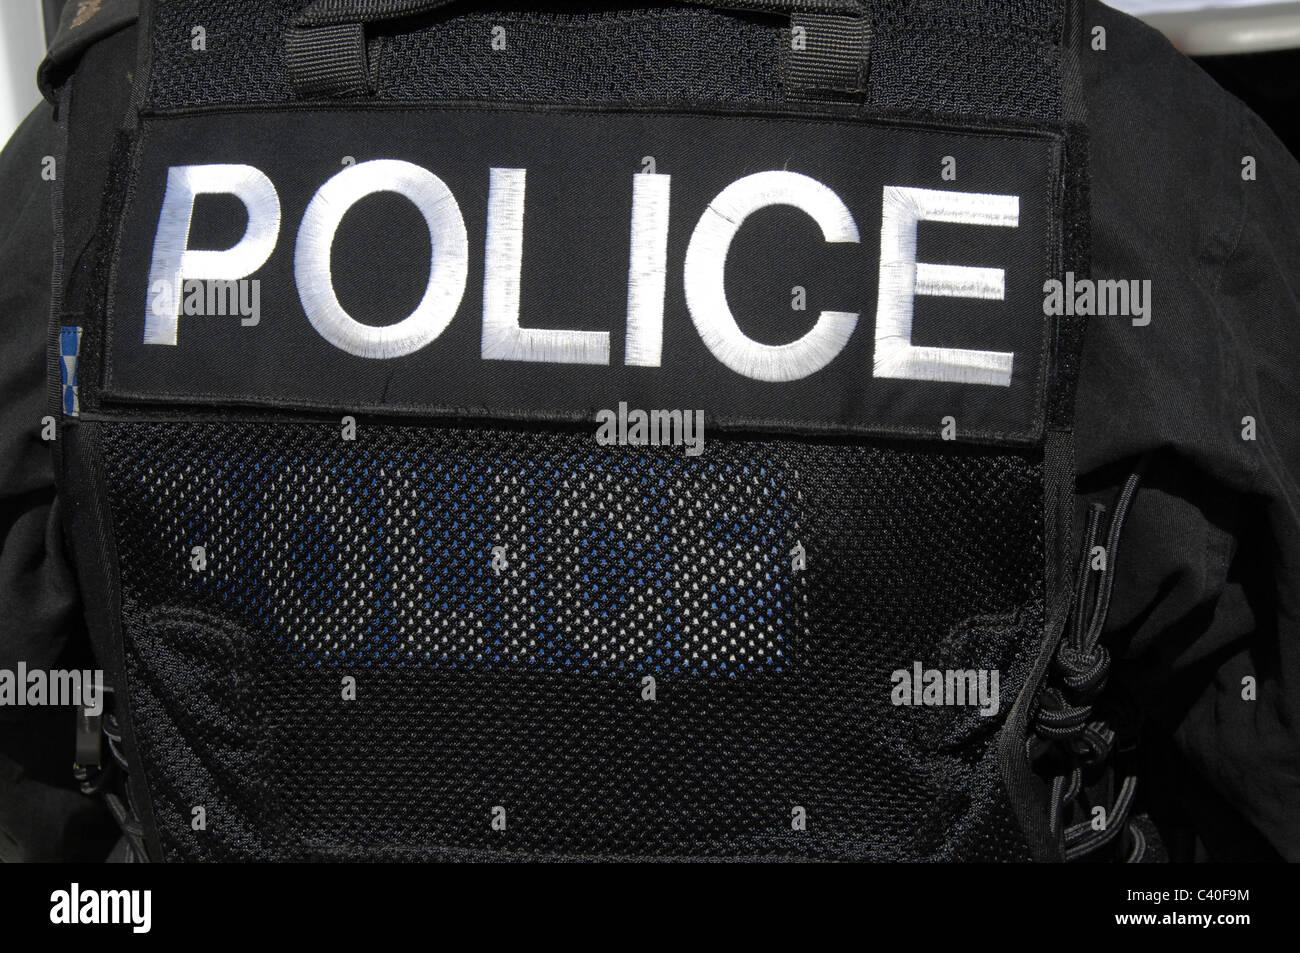 Un grand logo police sur sur l'arrière d'un agent SWAT TACTICAL VEST. Photo Stock